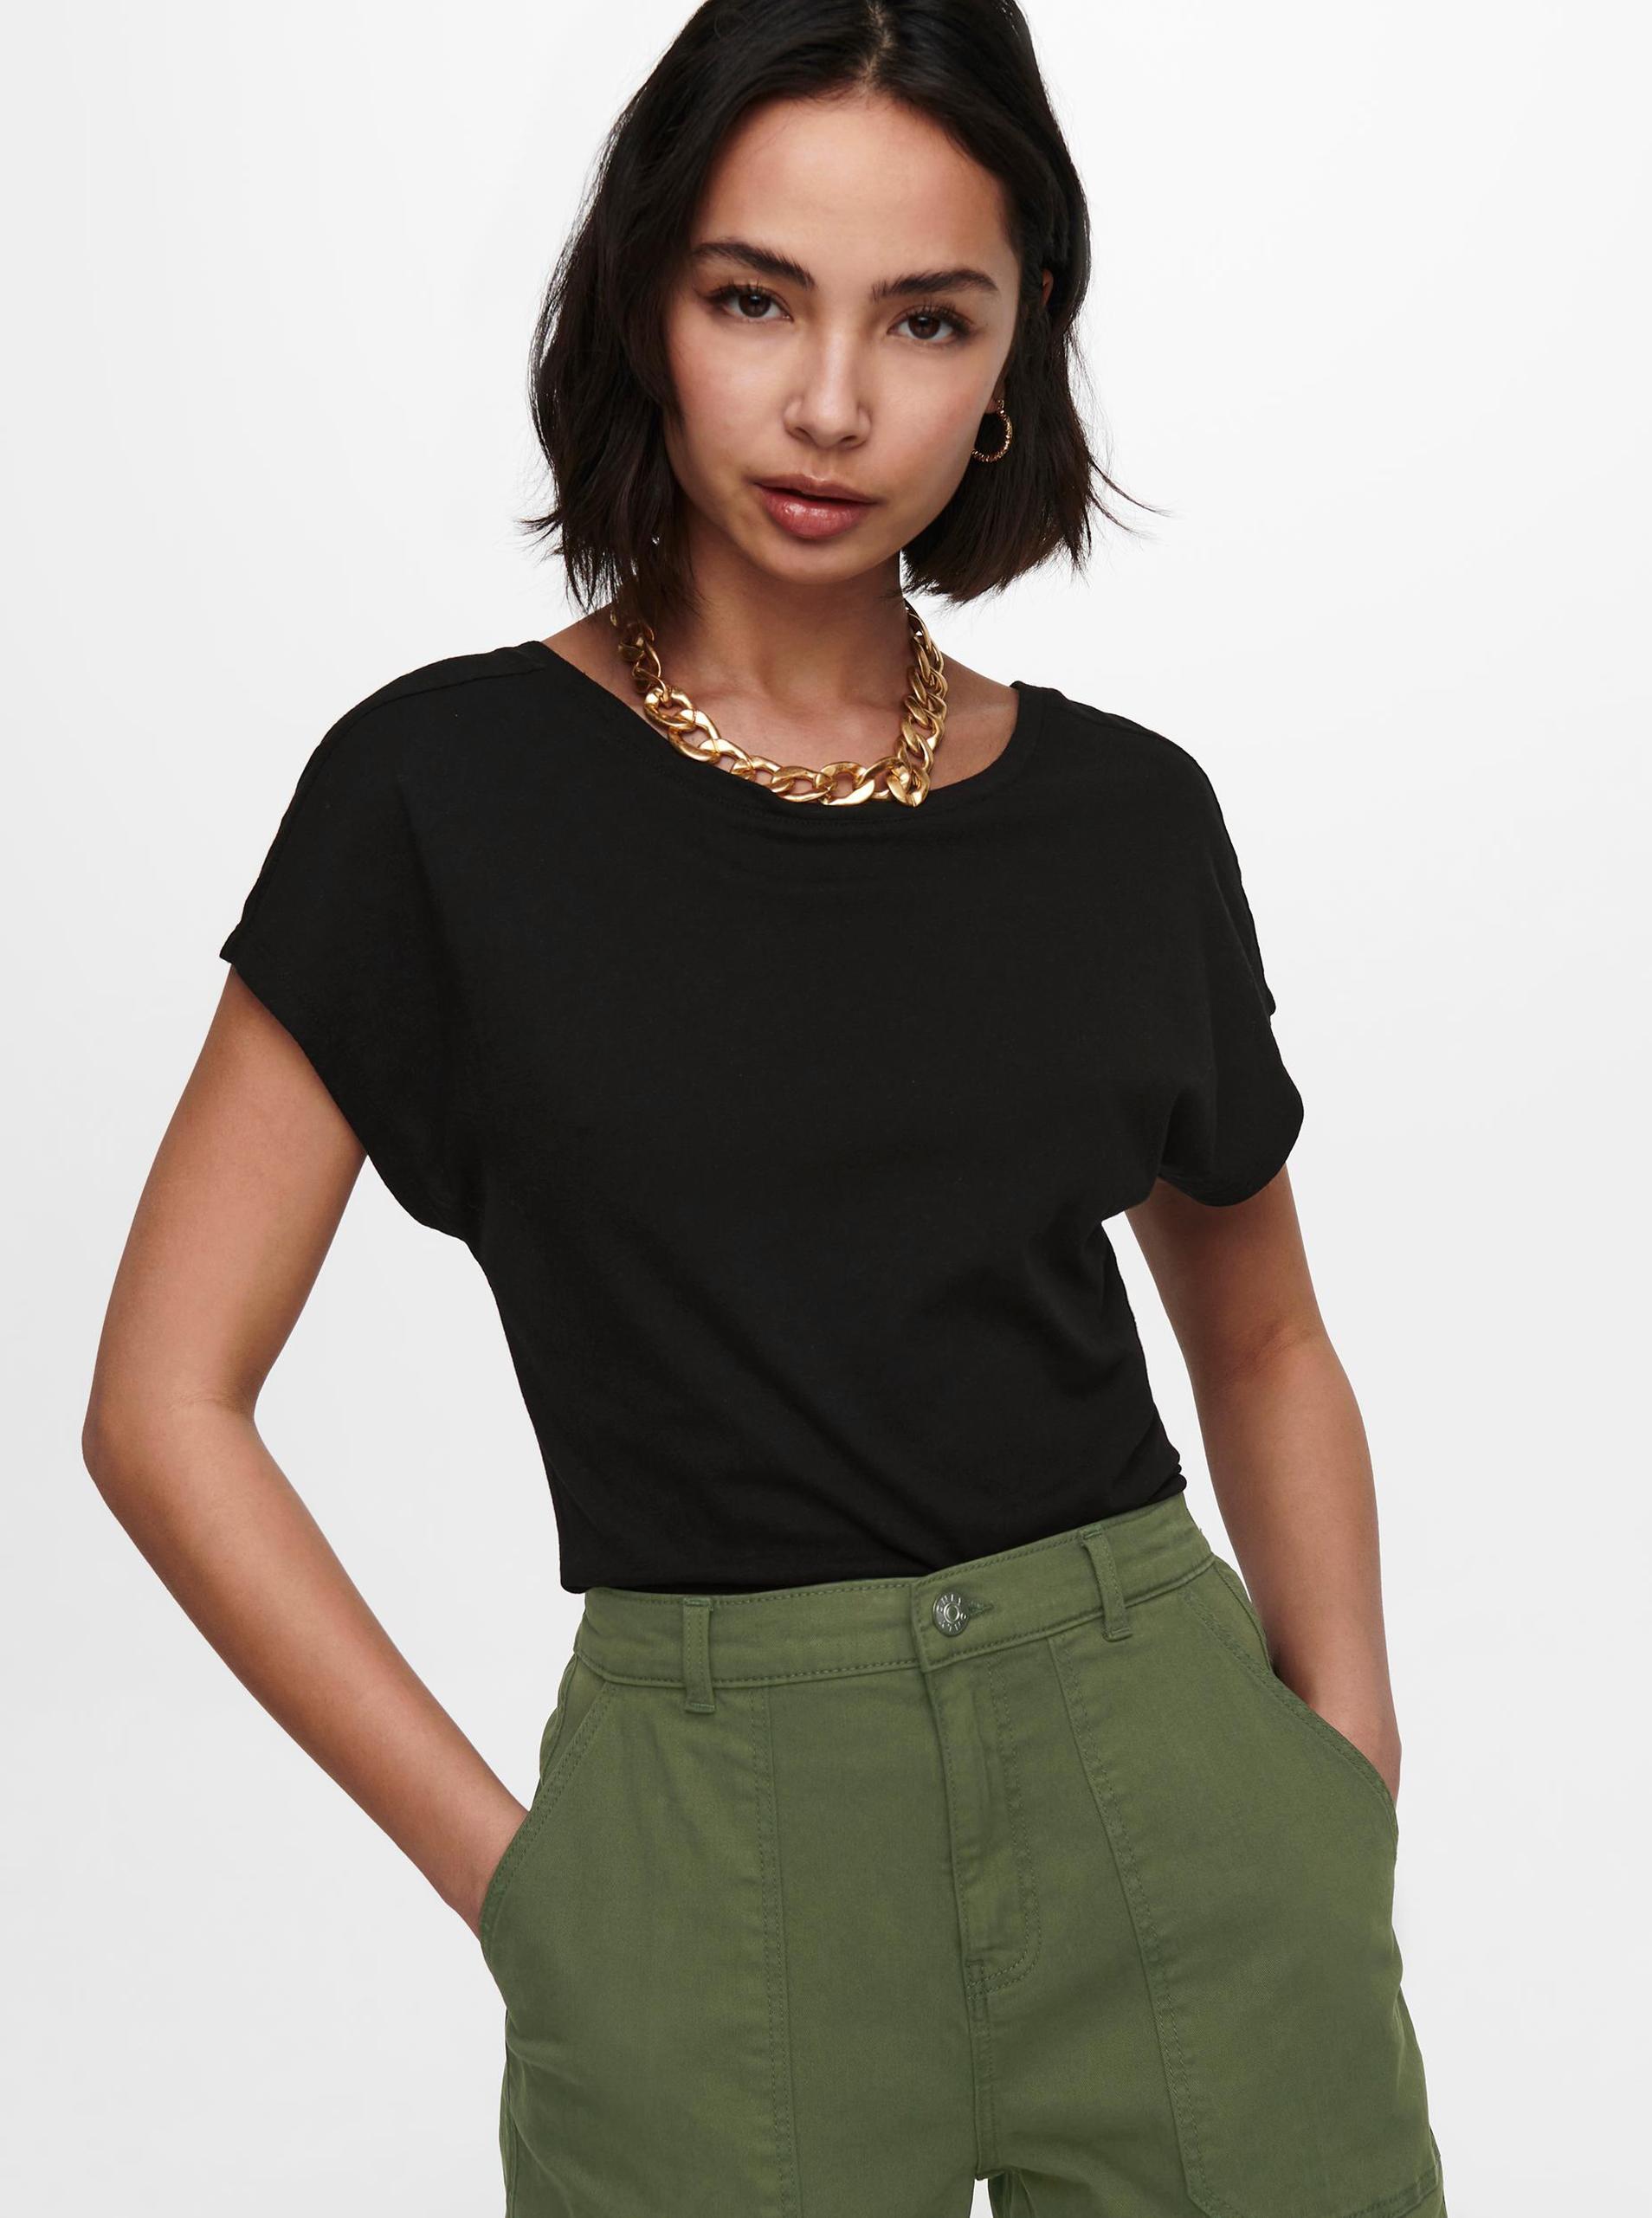 Only czarny damska koszulka Ama